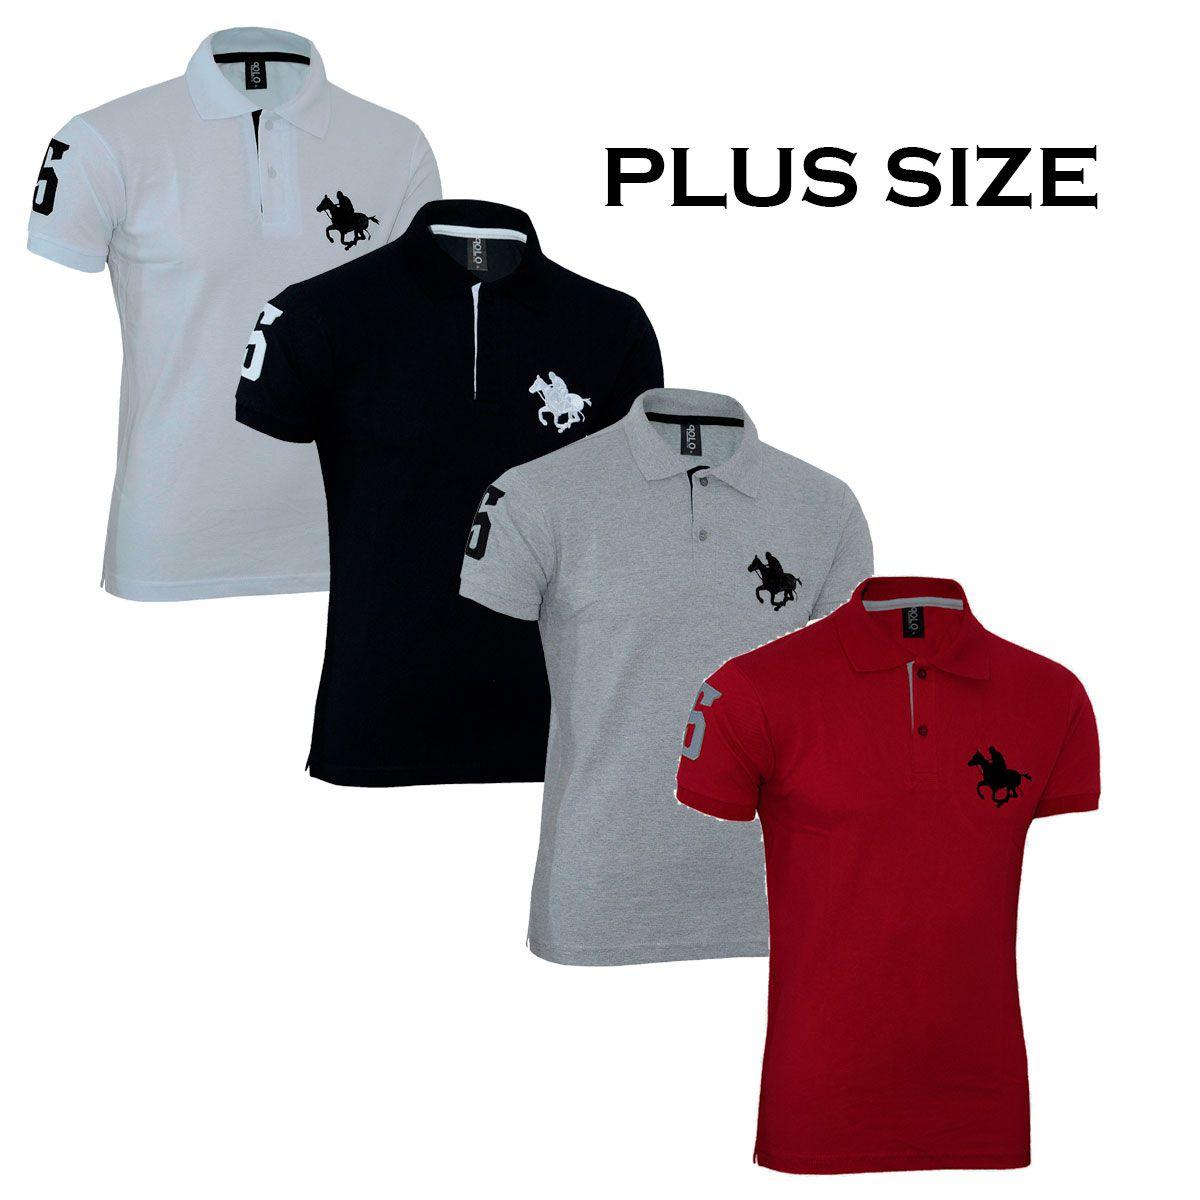 Kit Polos Masculinas Plus Size RG518 Cinza-Branco-Preto-Vermelho